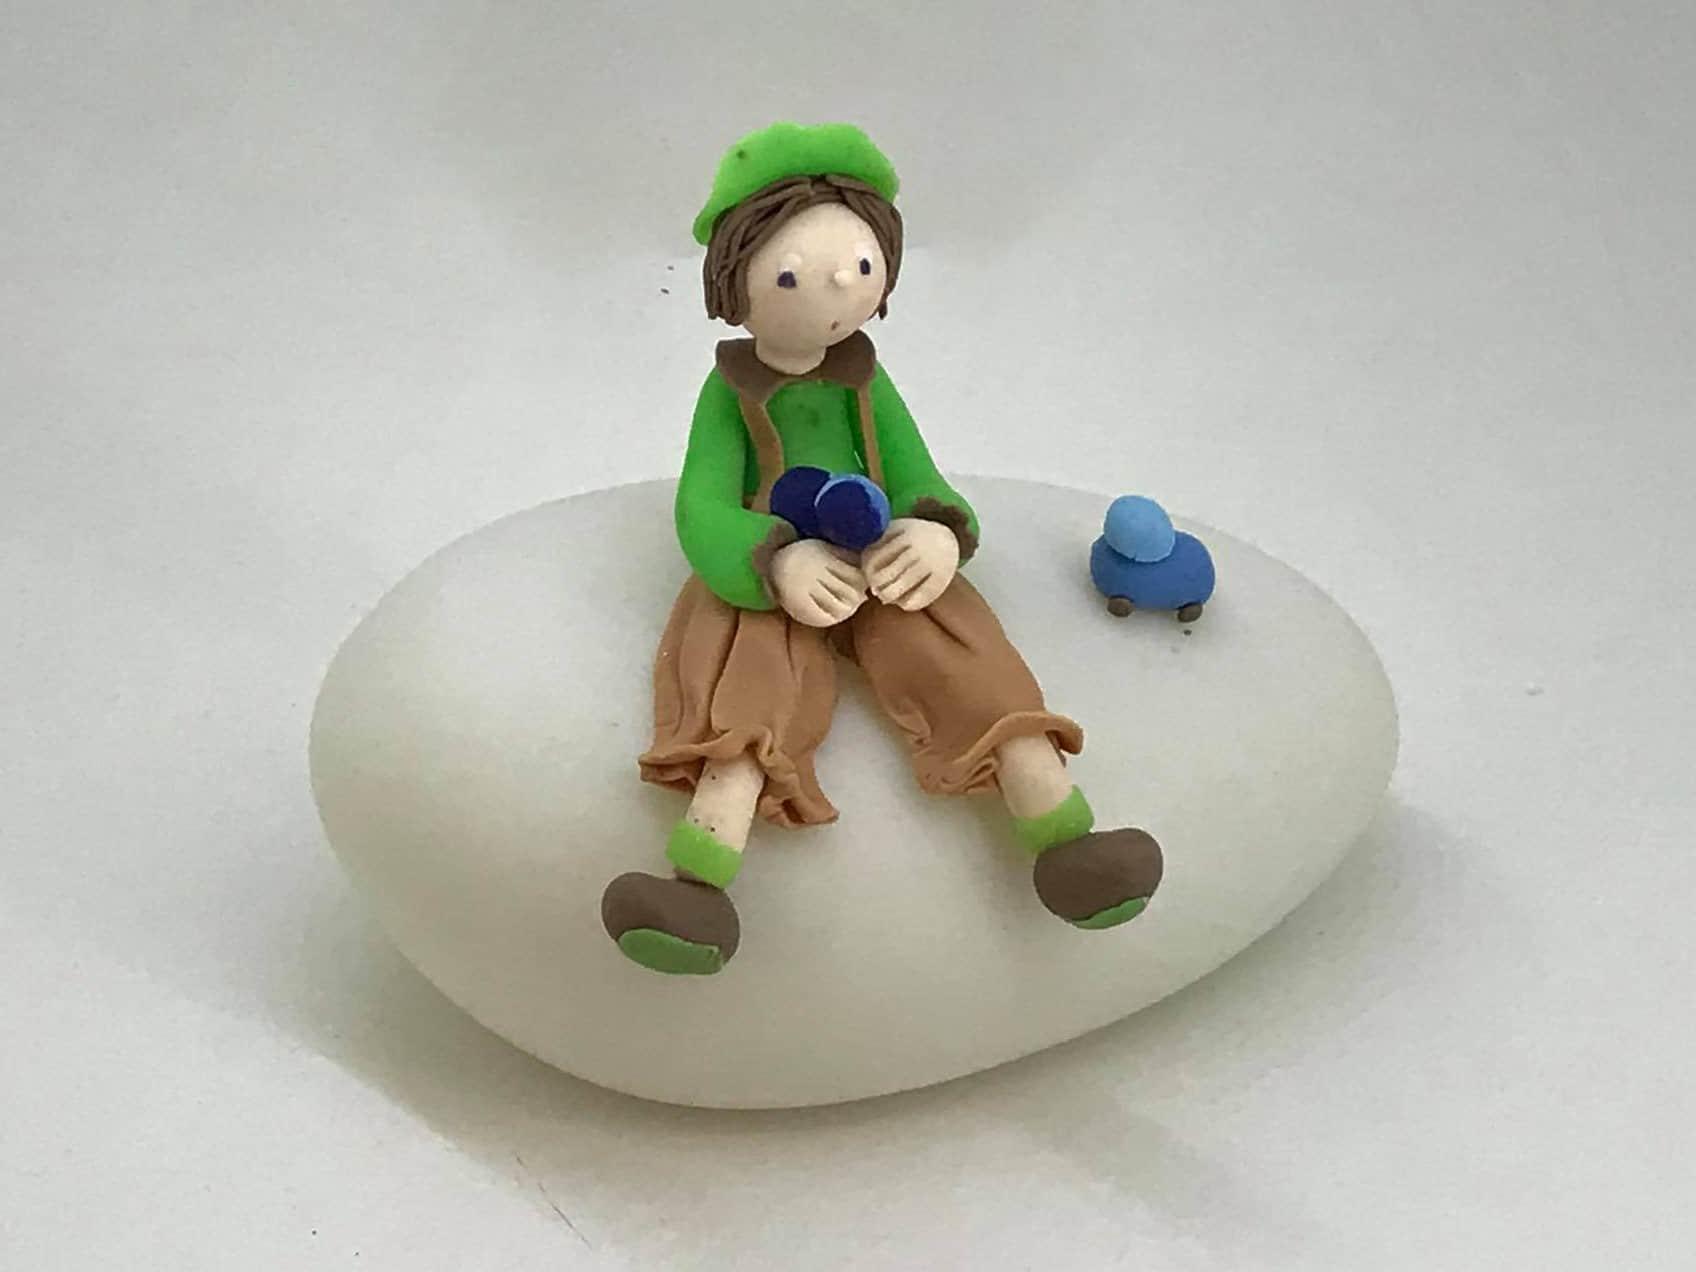 Garçon assis sur une lampe boule, modeler en porcelaine froide